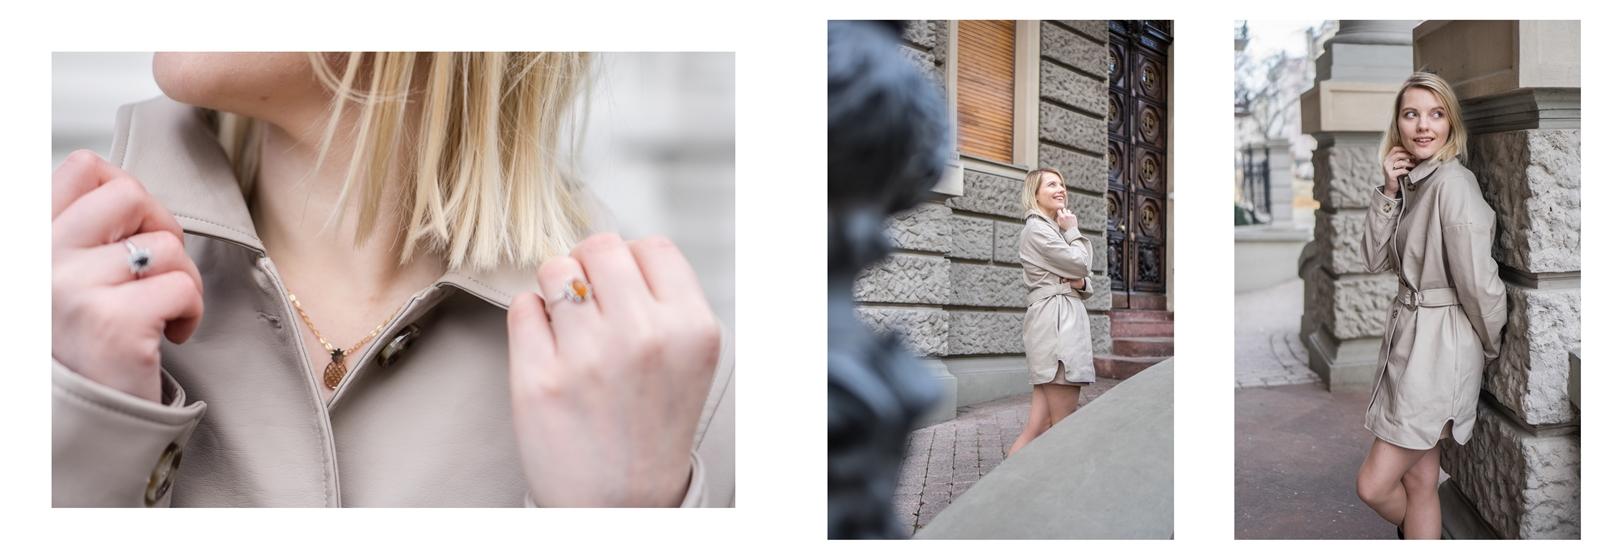 2a na-kd na kd lounge kod zniżkowy outlet rabat zakupy płaszcz na jesień kremowy sukienka modne stylizacje total look blog łódź fashion lifestyle